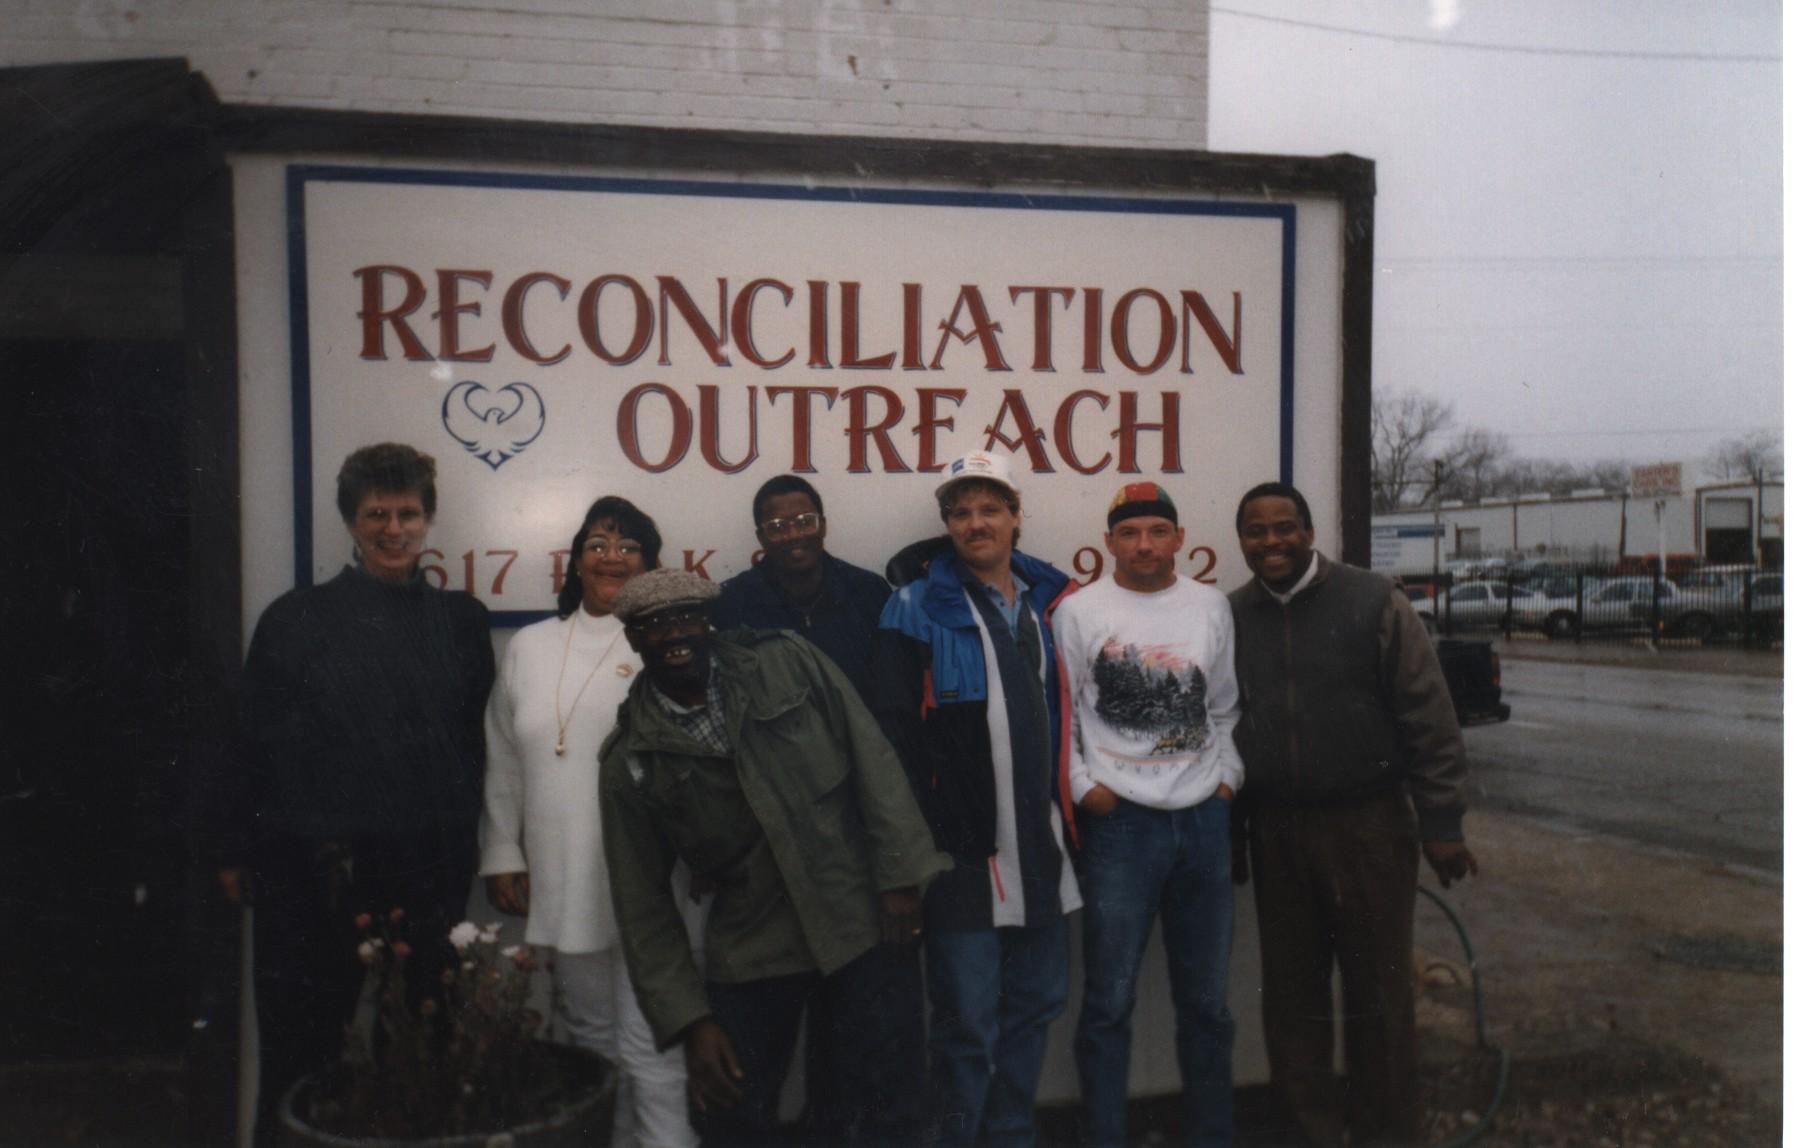 Reconciliation Outreach 4.jpg